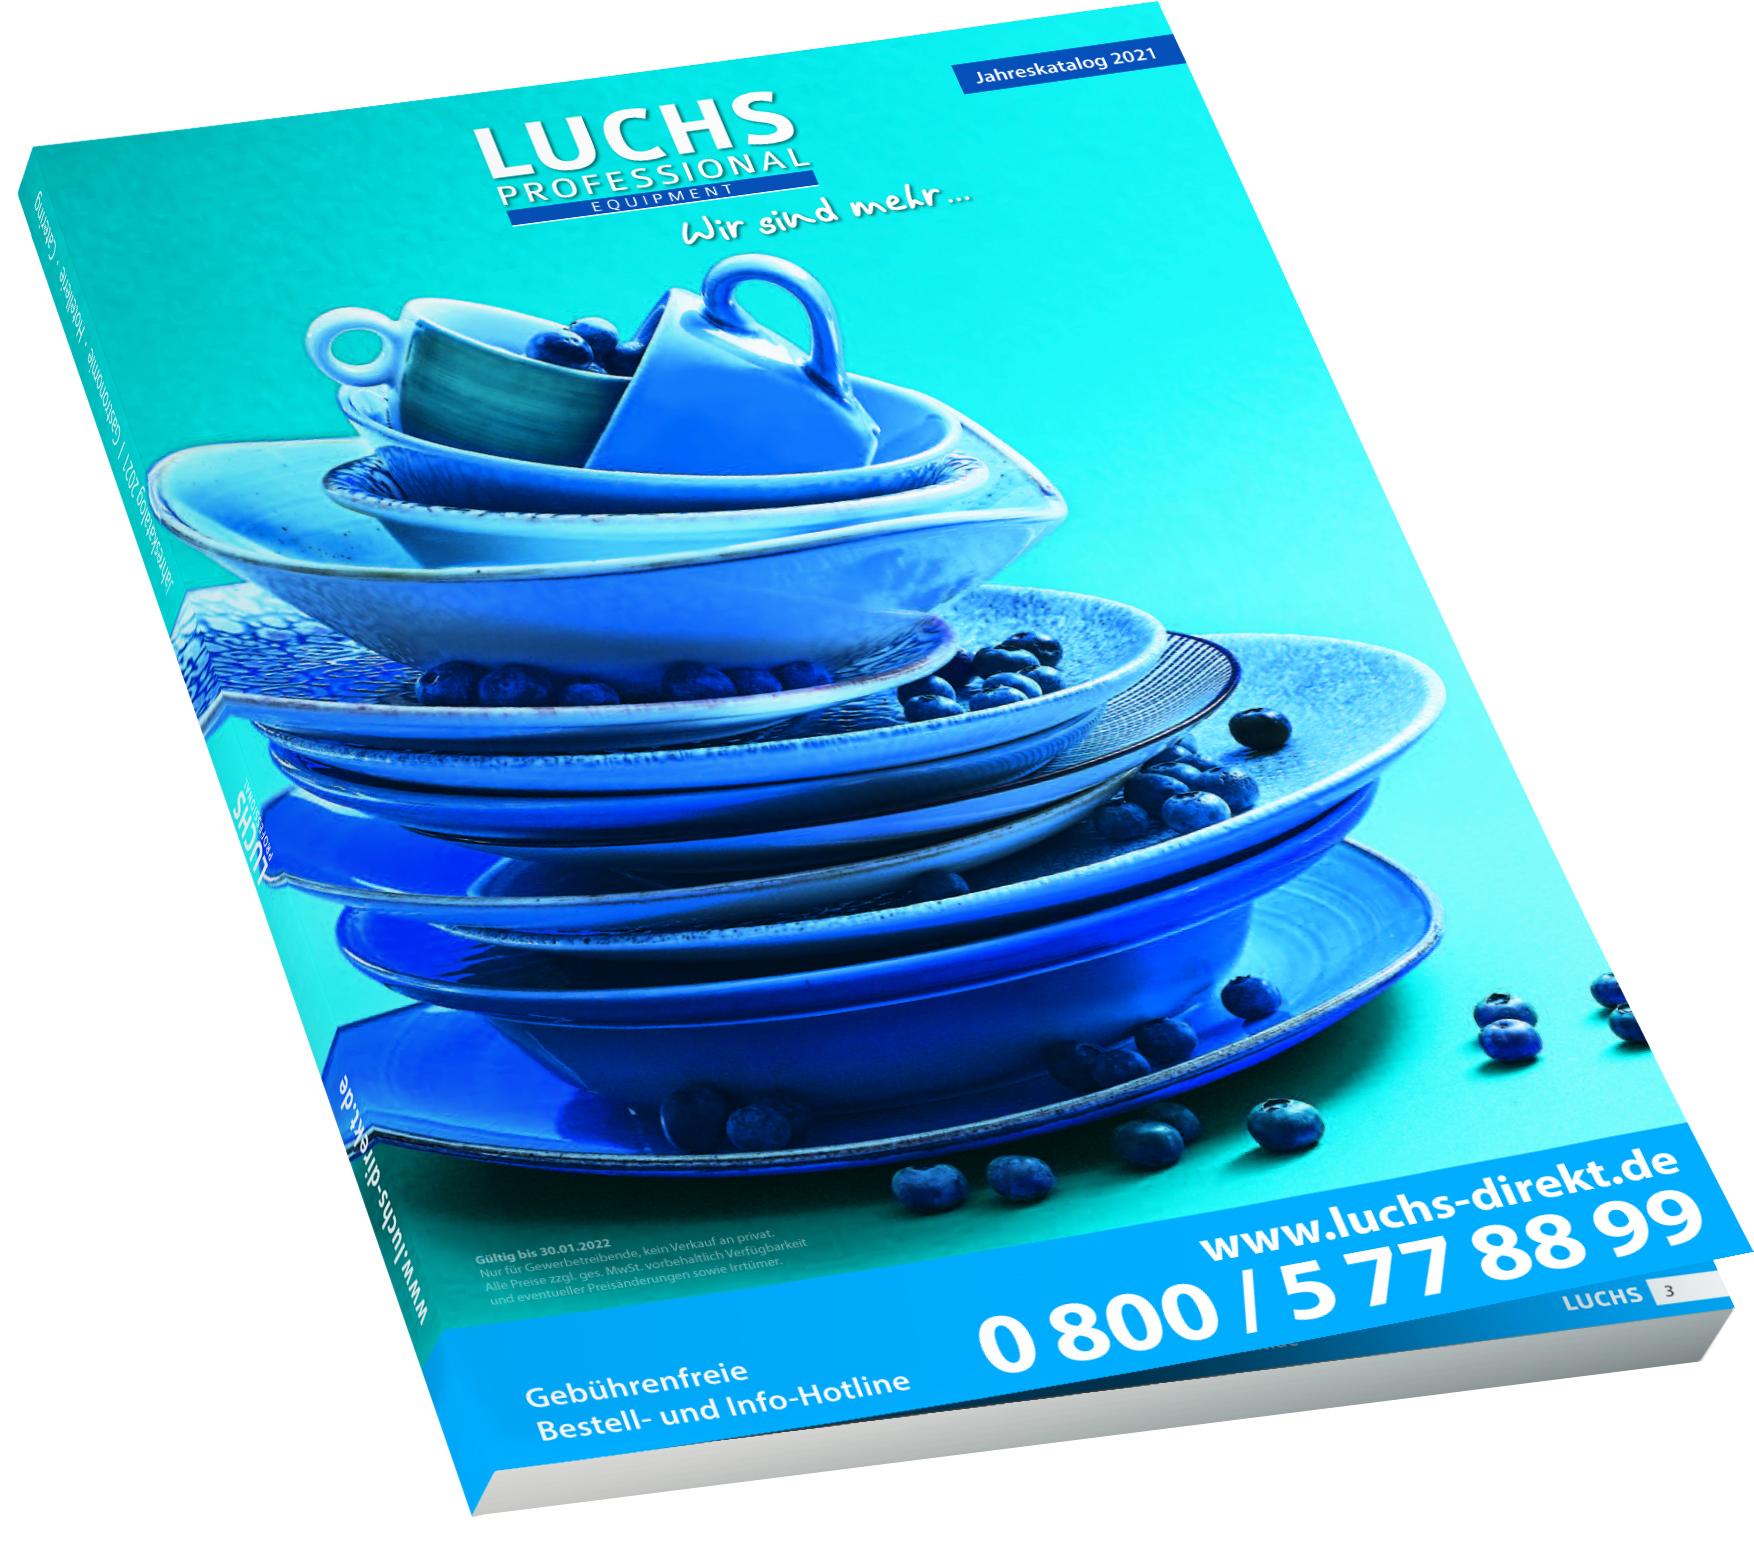 LUCHS_THK_3D_2021_D